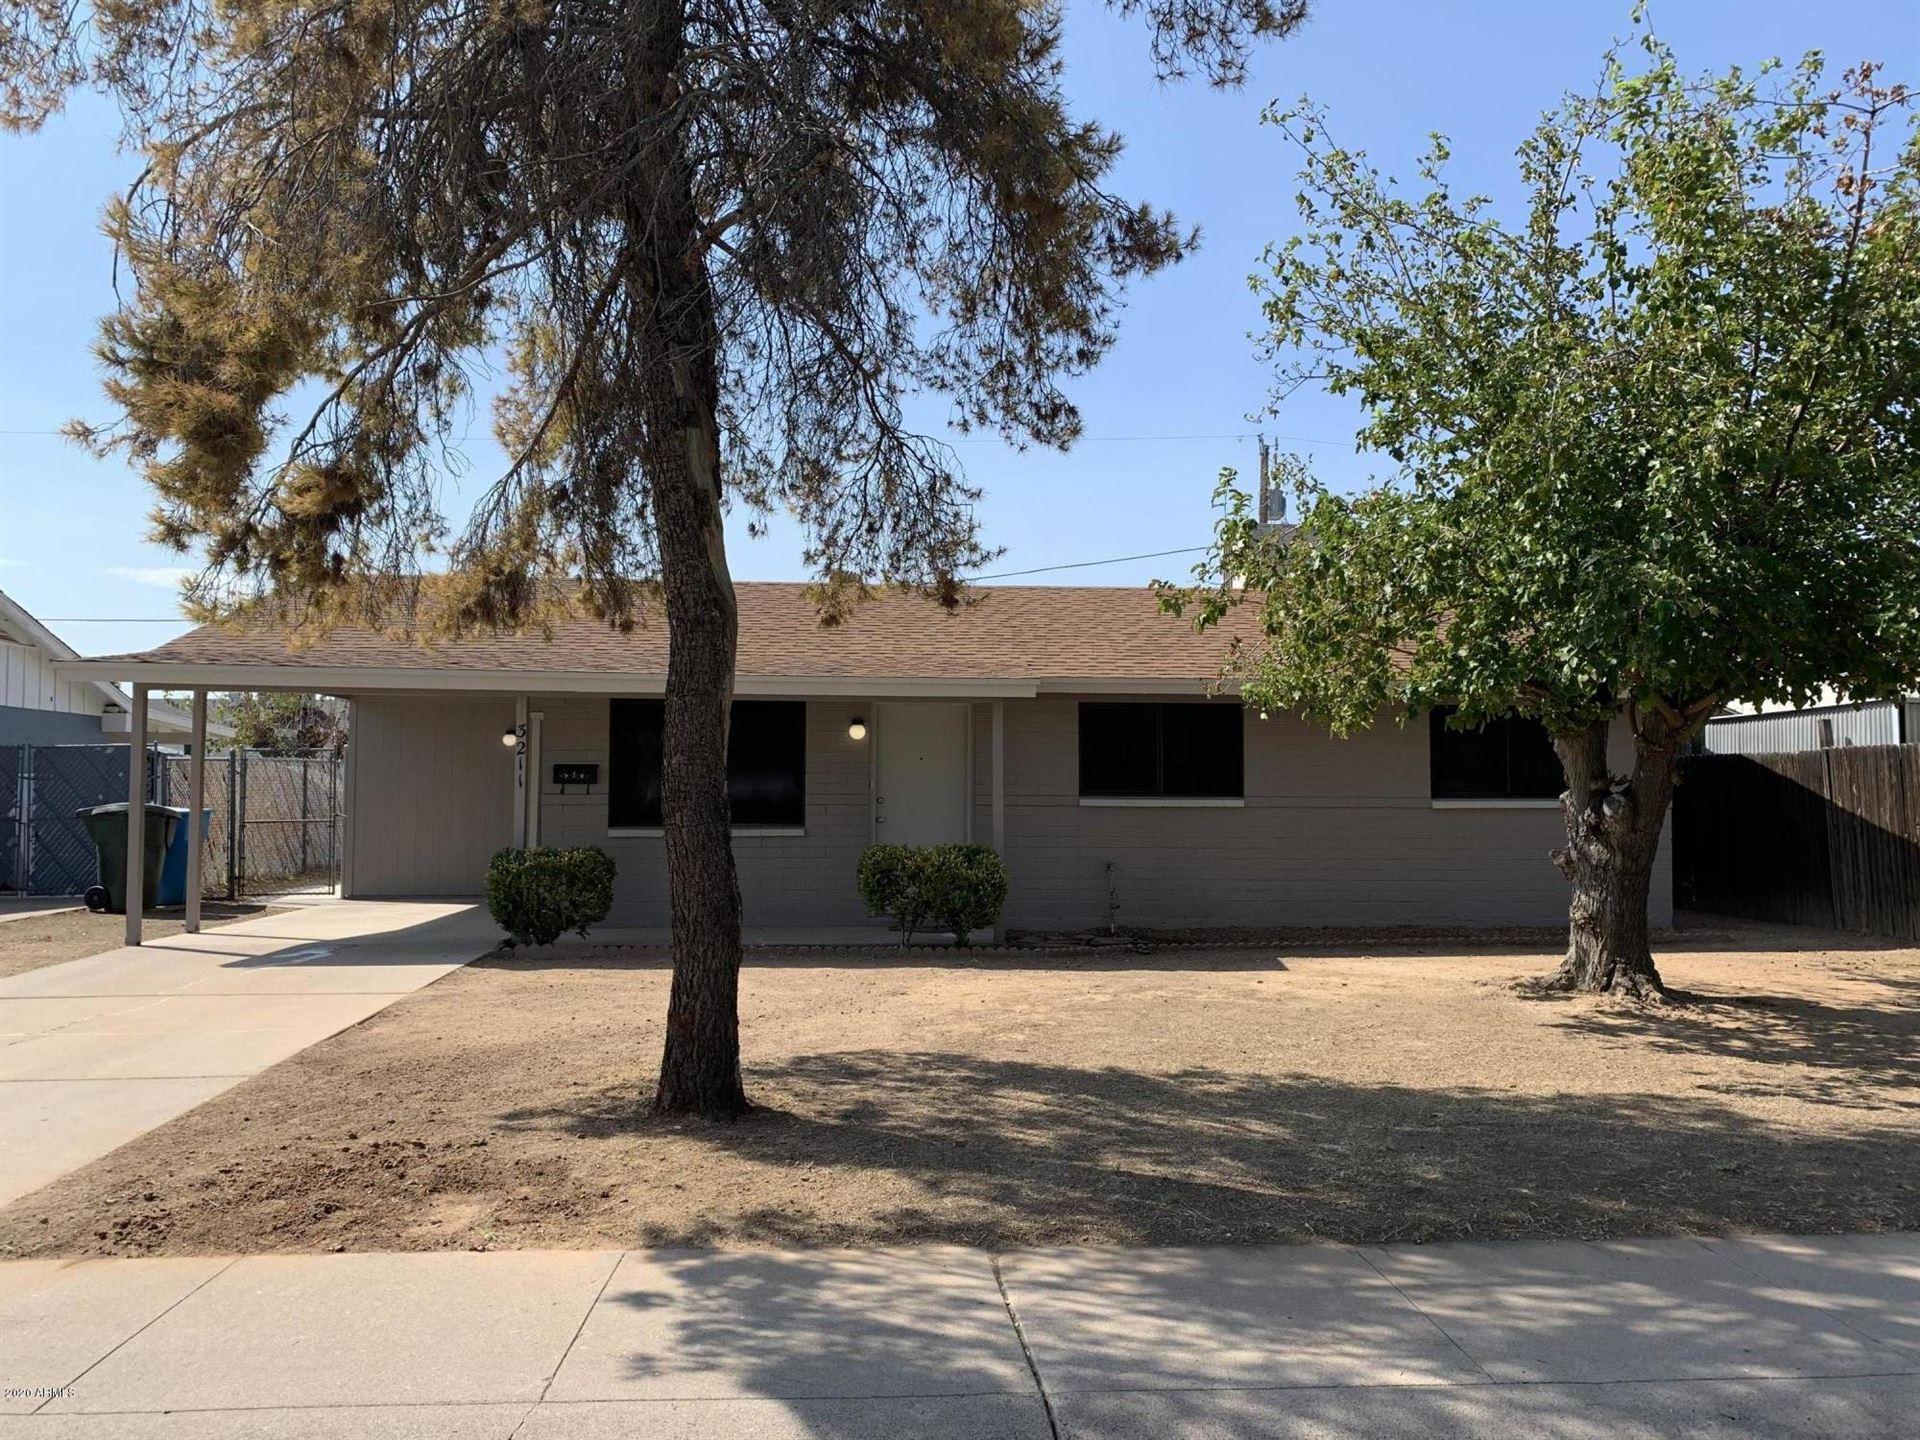 3211 W BANFF Lane, Phoenix, AZ 85053 - MLS#: 6128197